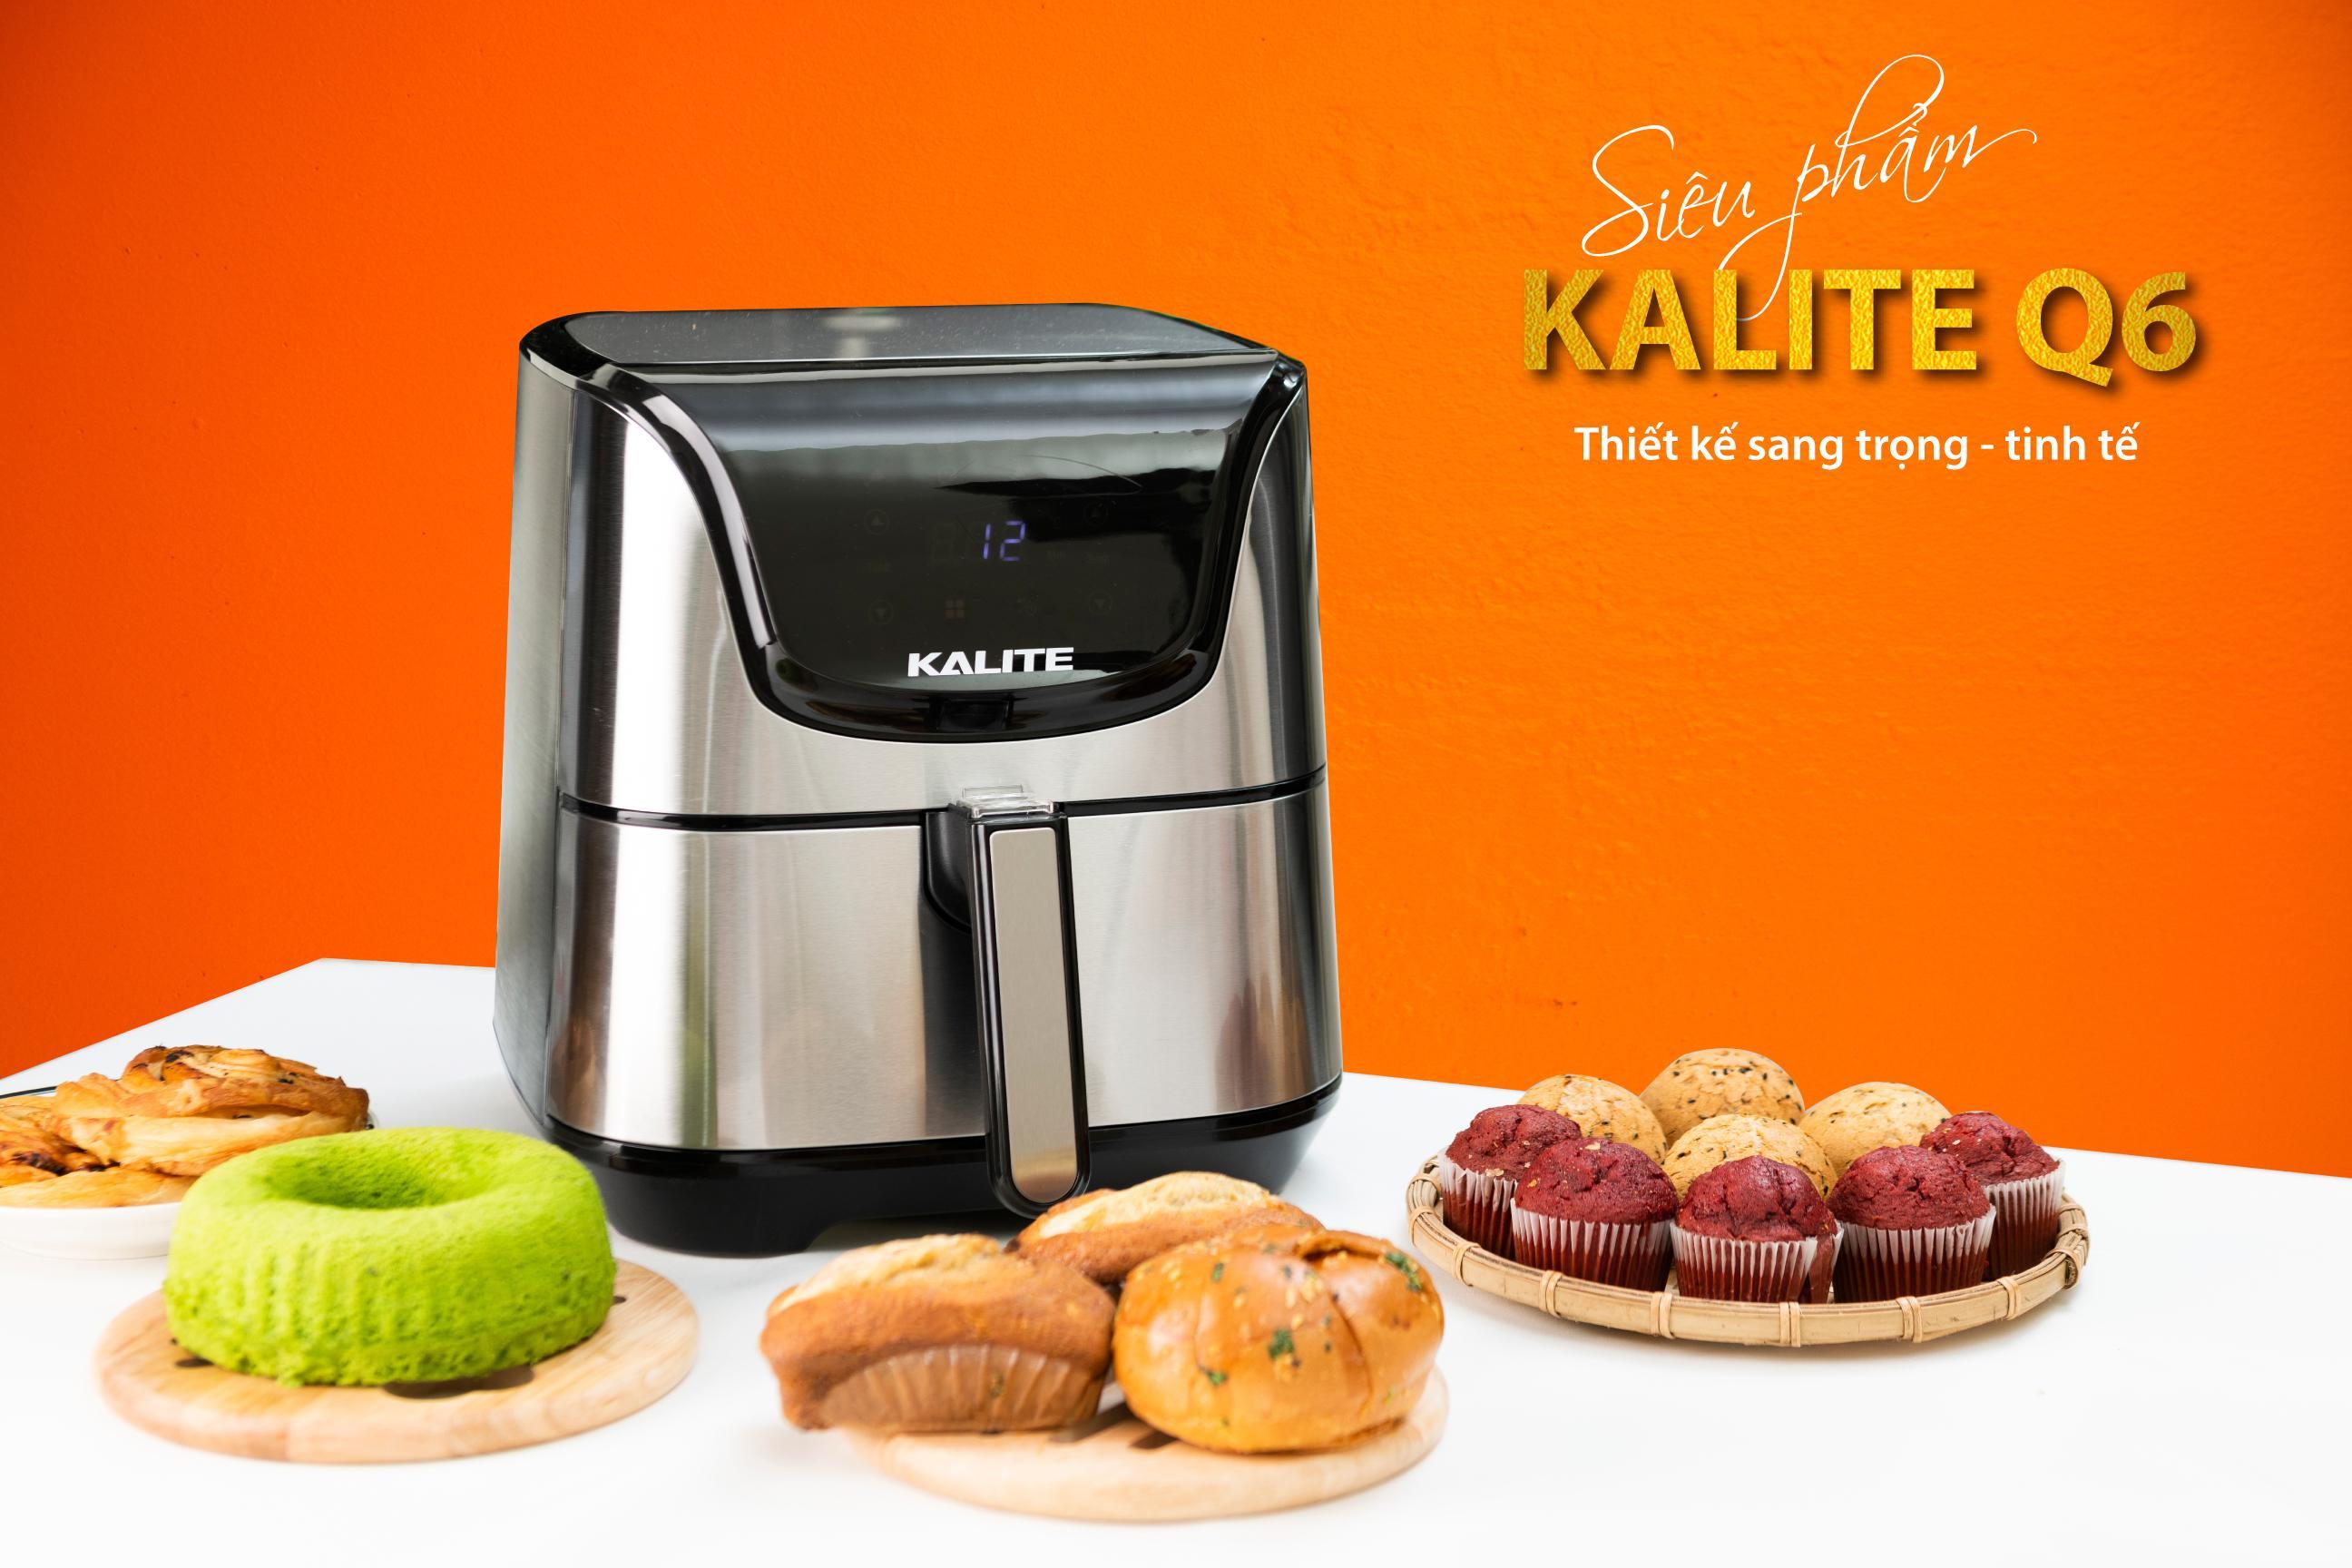 Kalite Q6 thiết kế sang trọng hiện đại